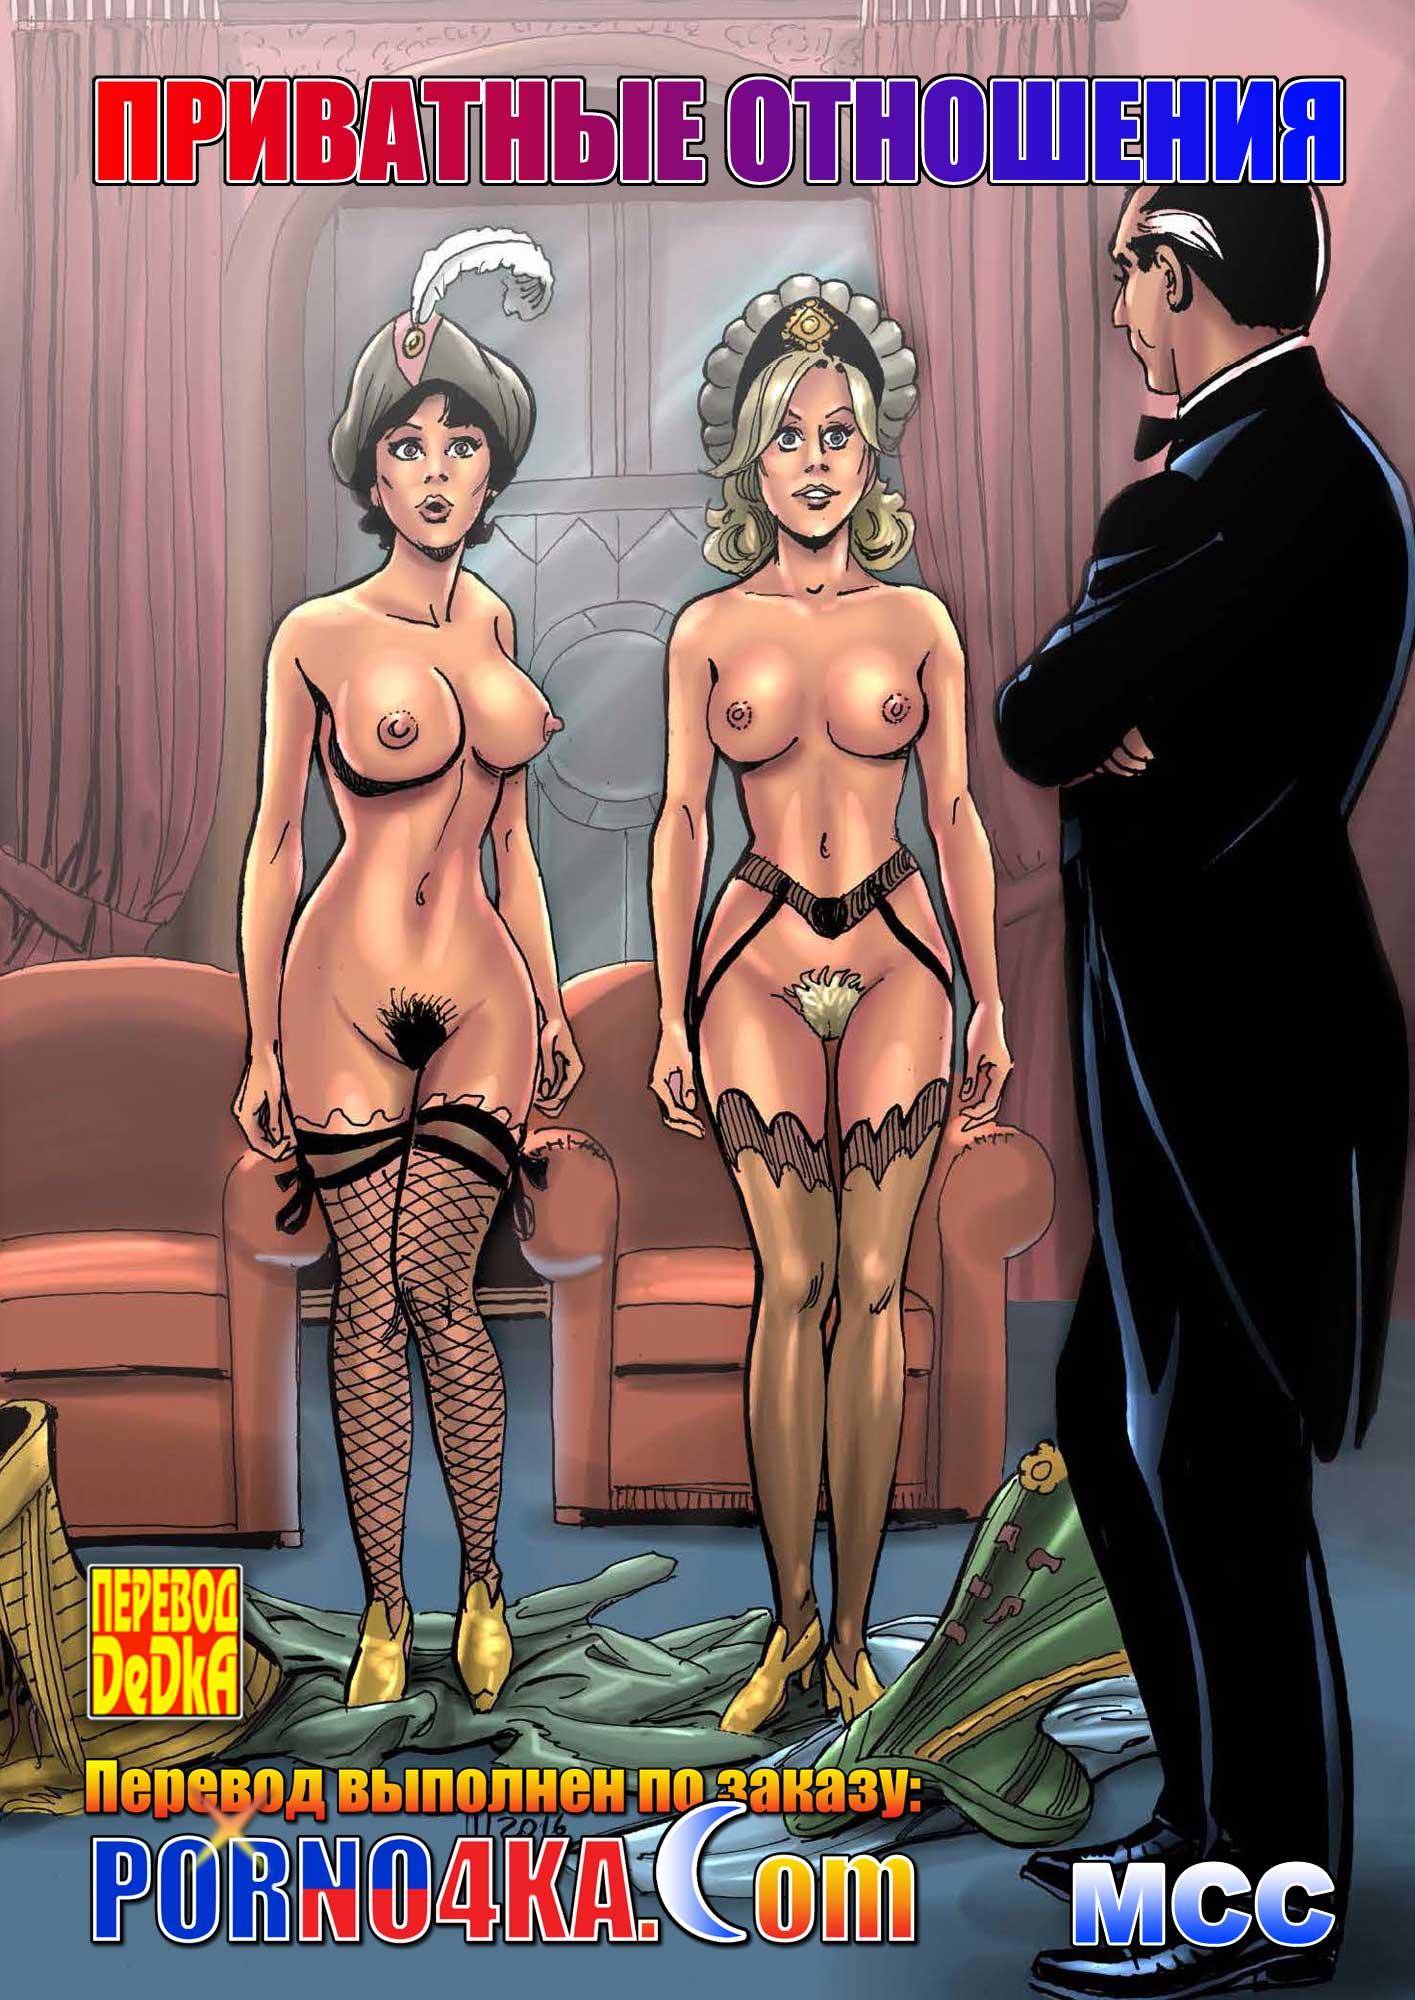 порно комикс приватные отношения